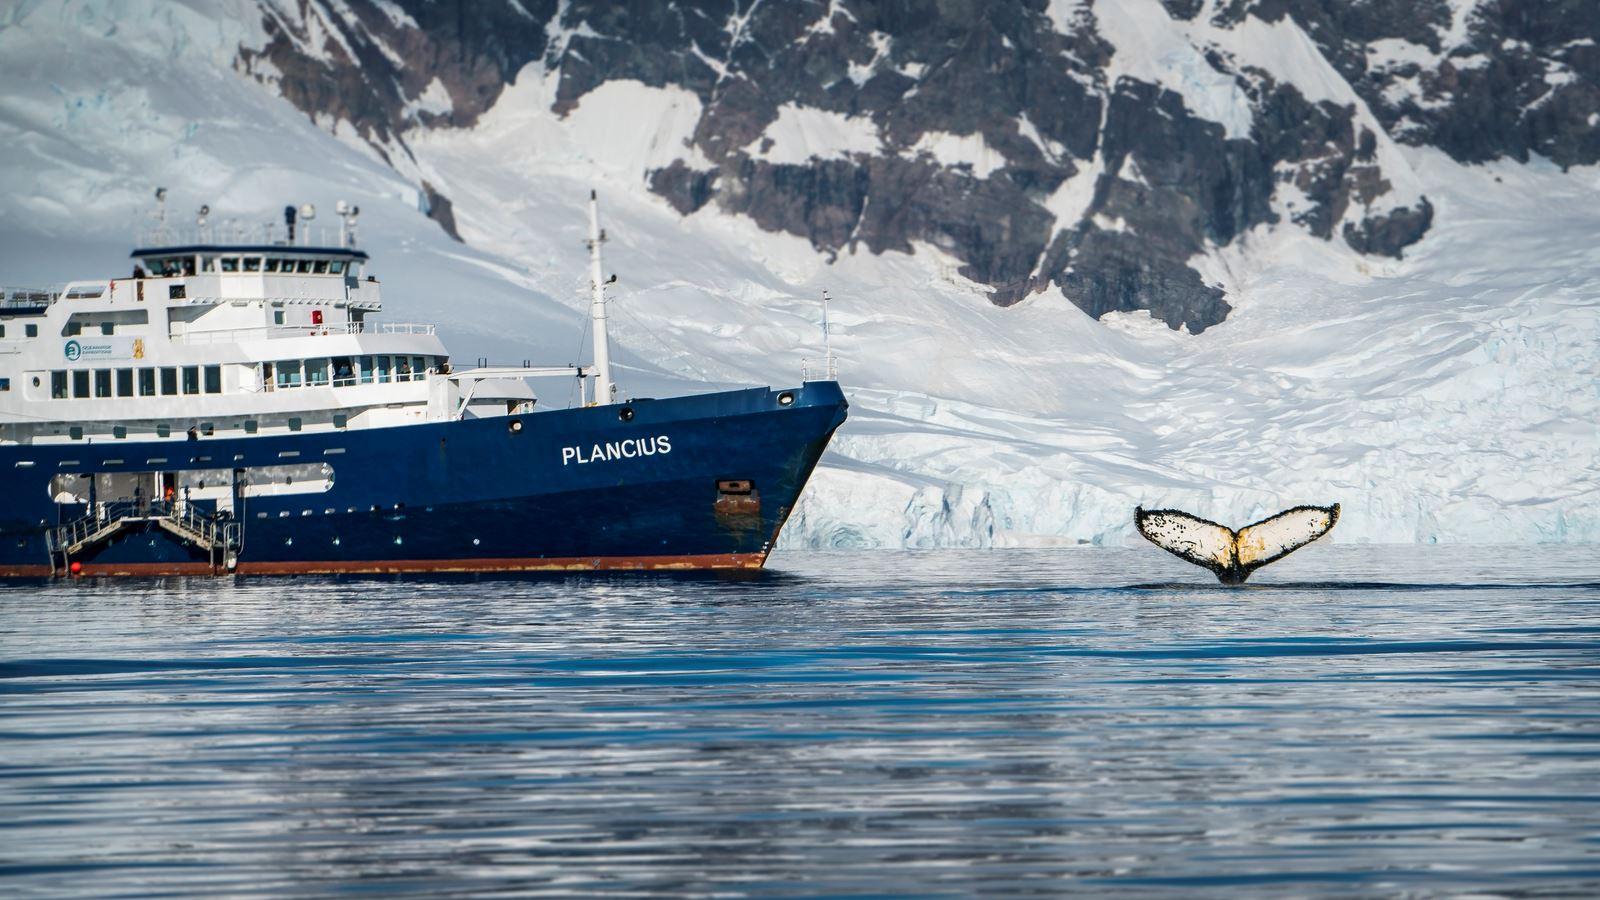 Cruzeiros para a Antártica: dicas para escolher o melhor